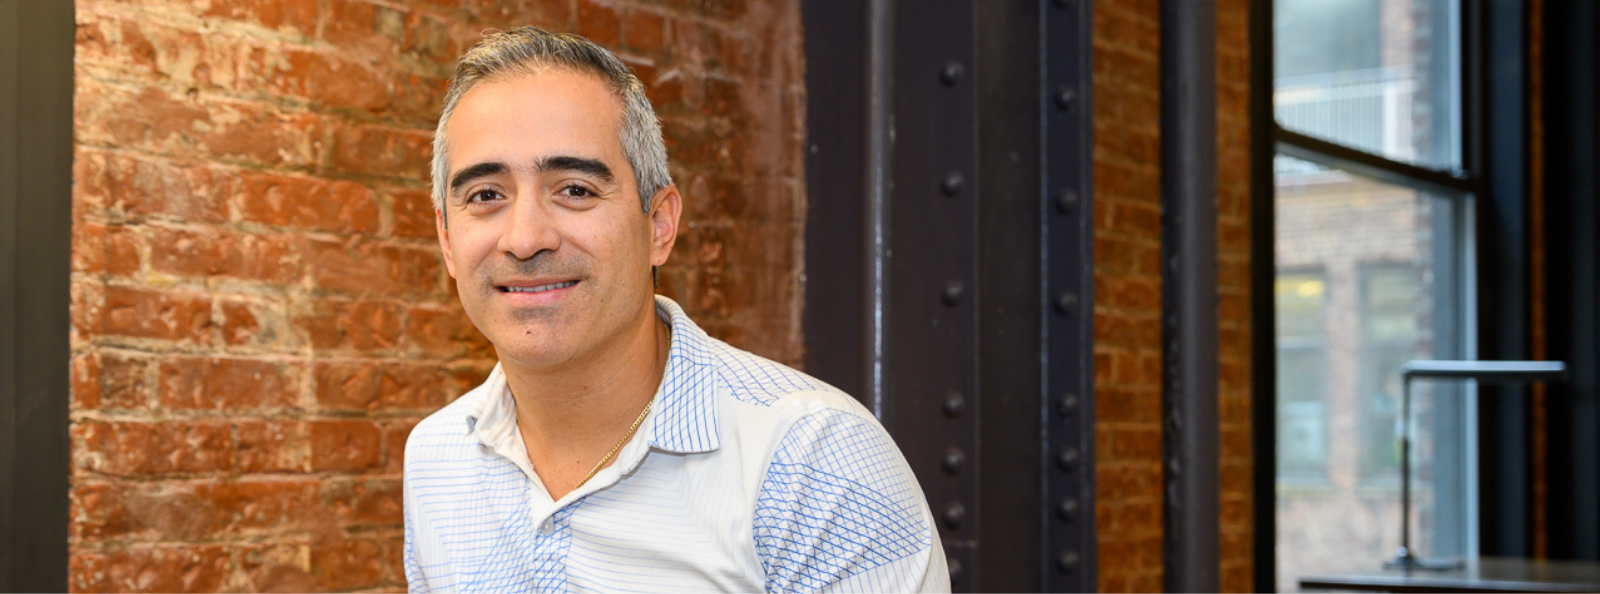 employee Juan Ruiz smiling